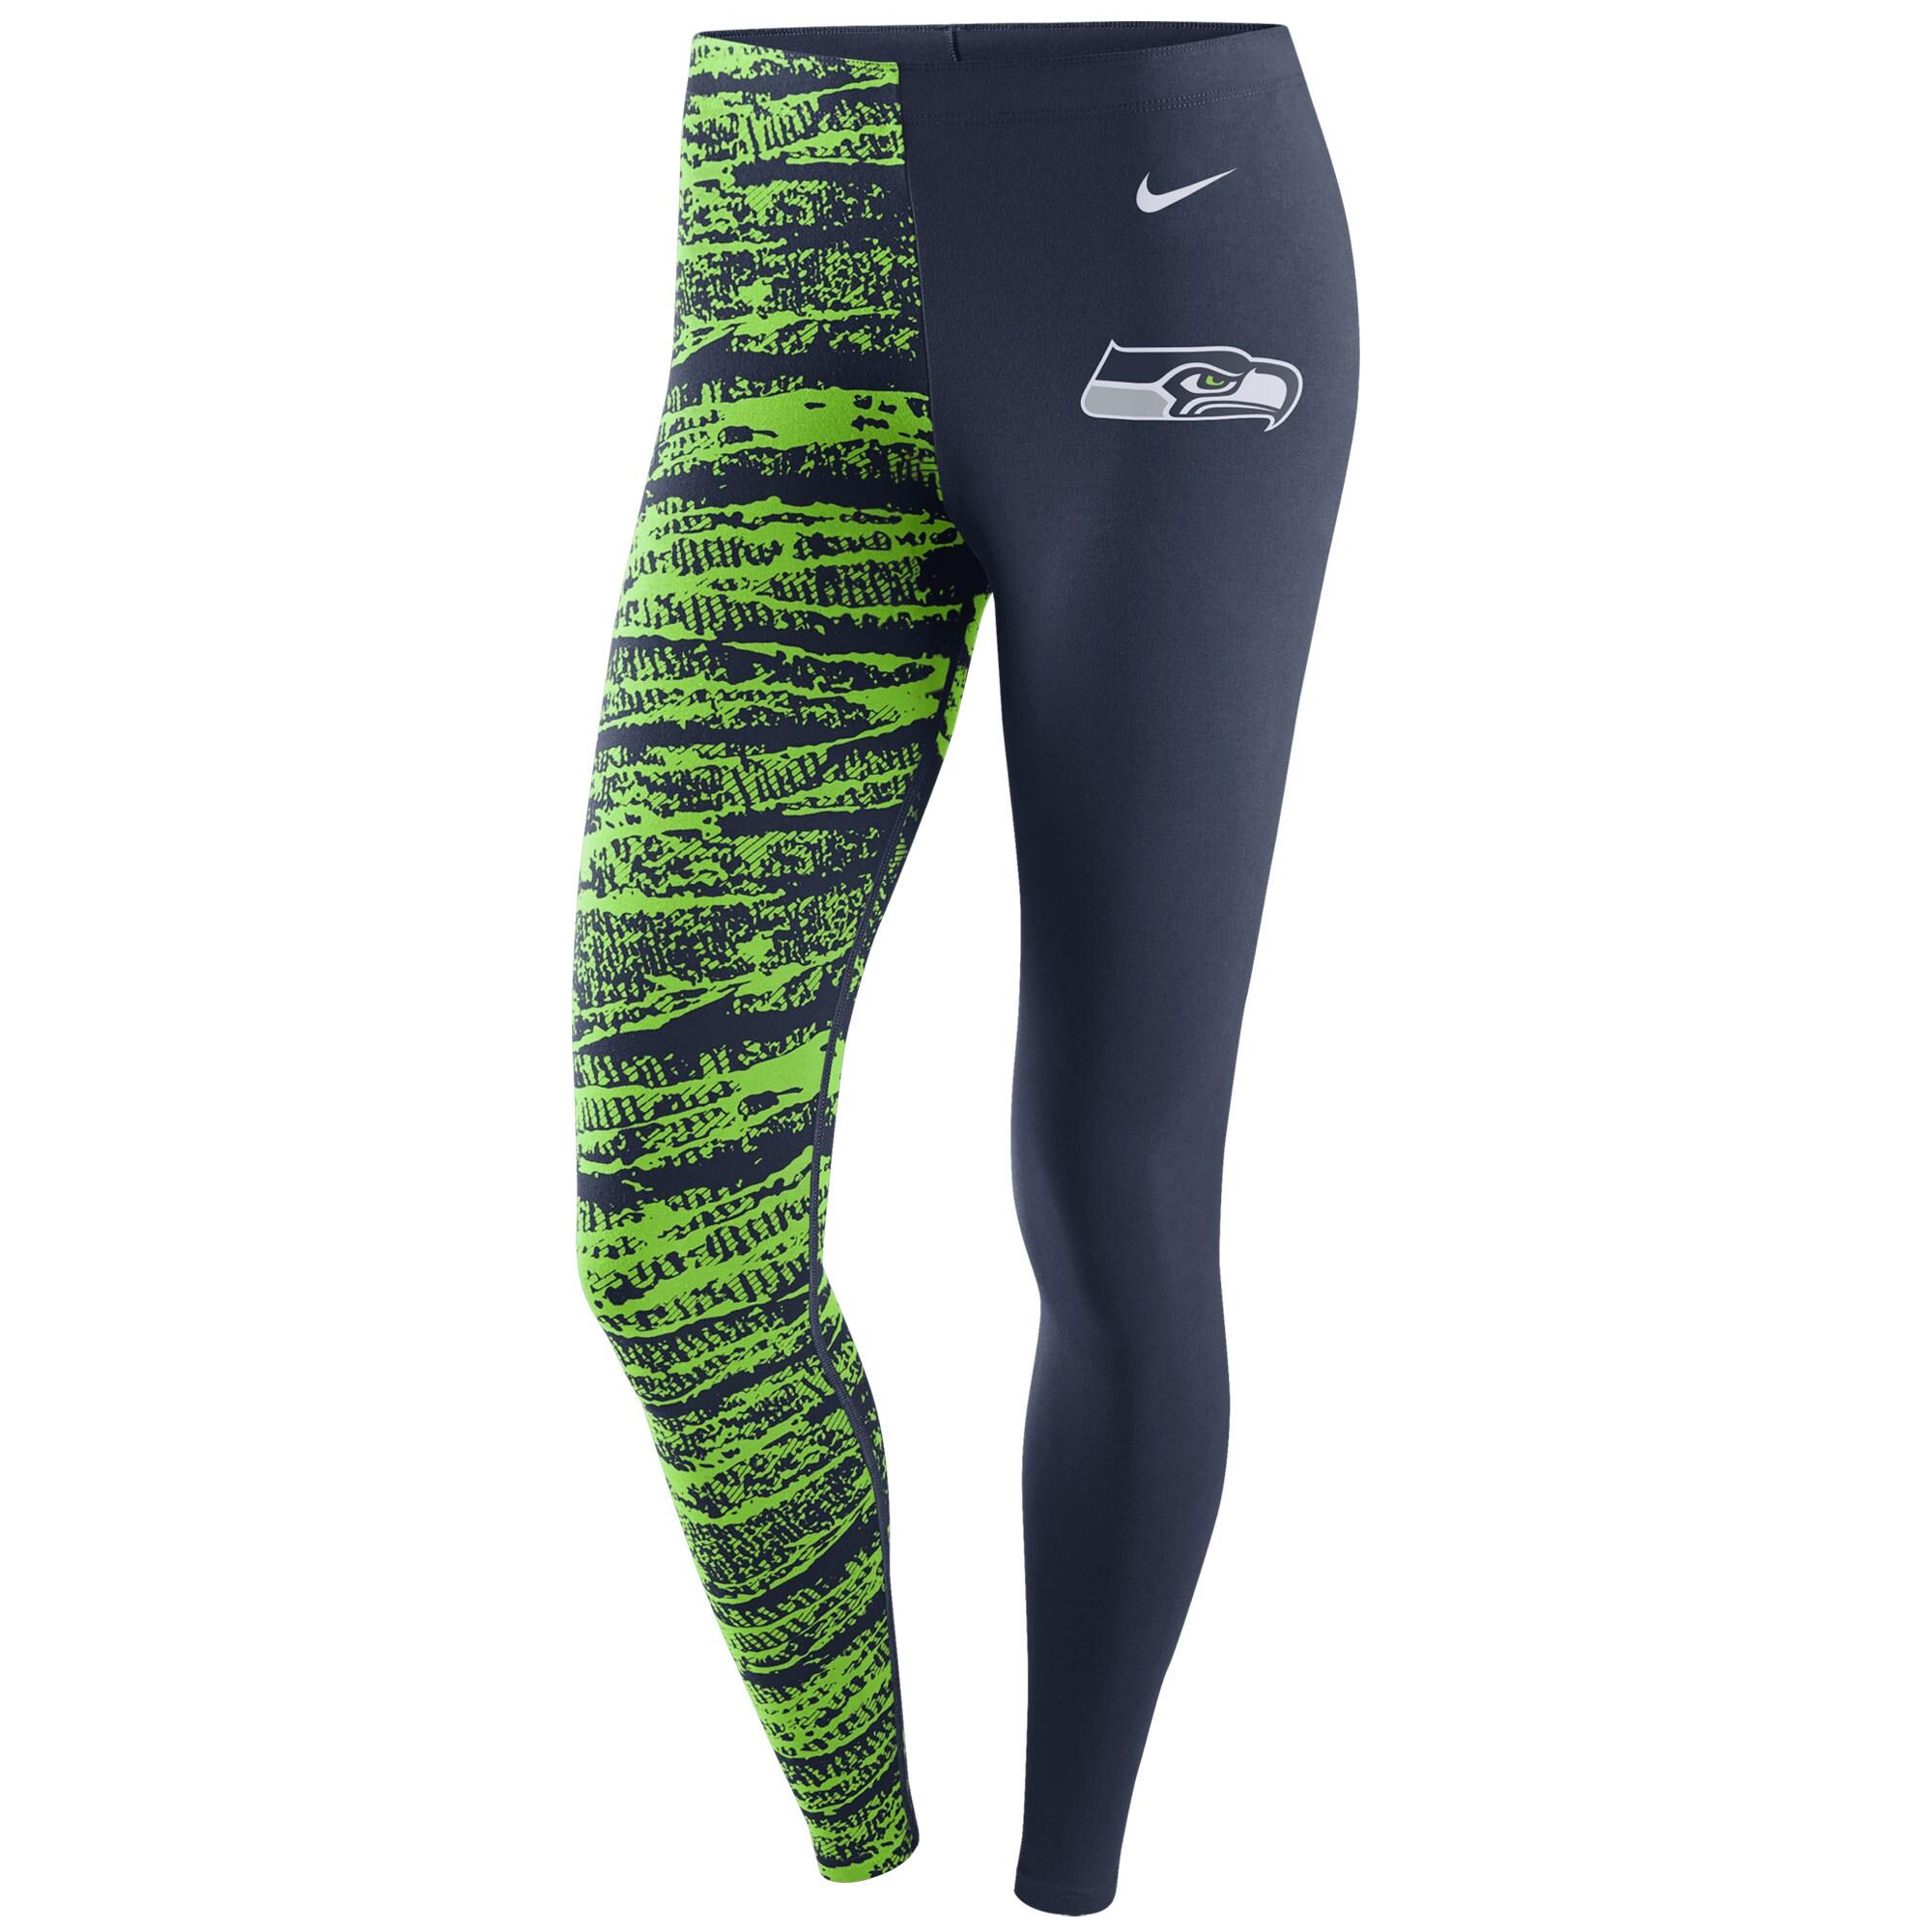 Seattle Seahawks Nike Women's Leg-A-See Leggings - College Navy/Neon Green